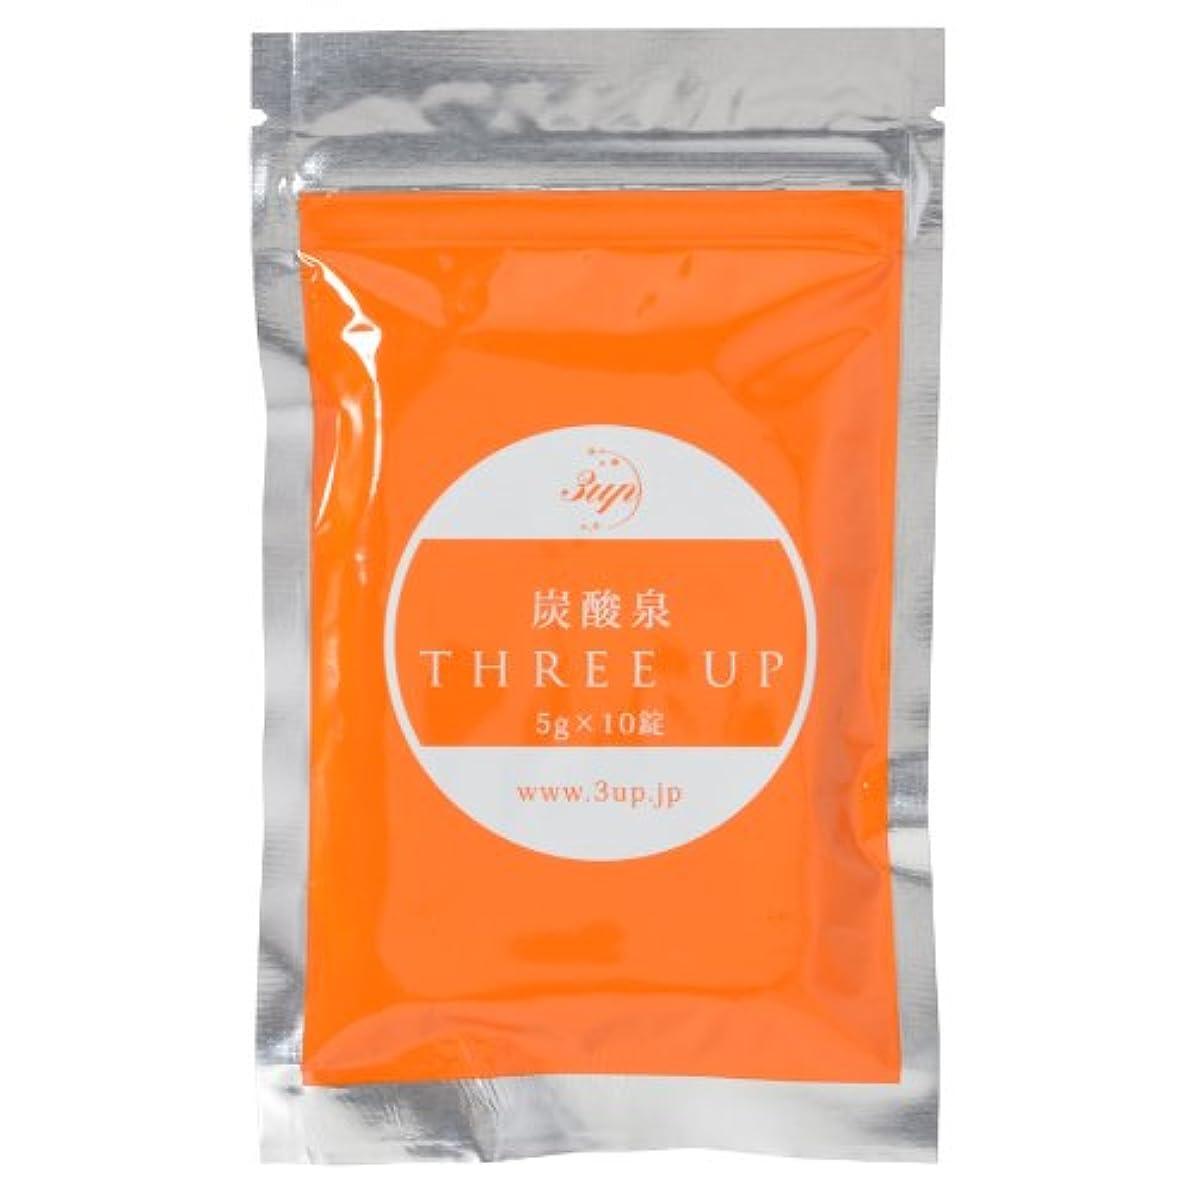 モットー実用的守銭奴3upスリーアップ 重炭酸イオンタブレット(洗顔用) 1袋:5g×10錠